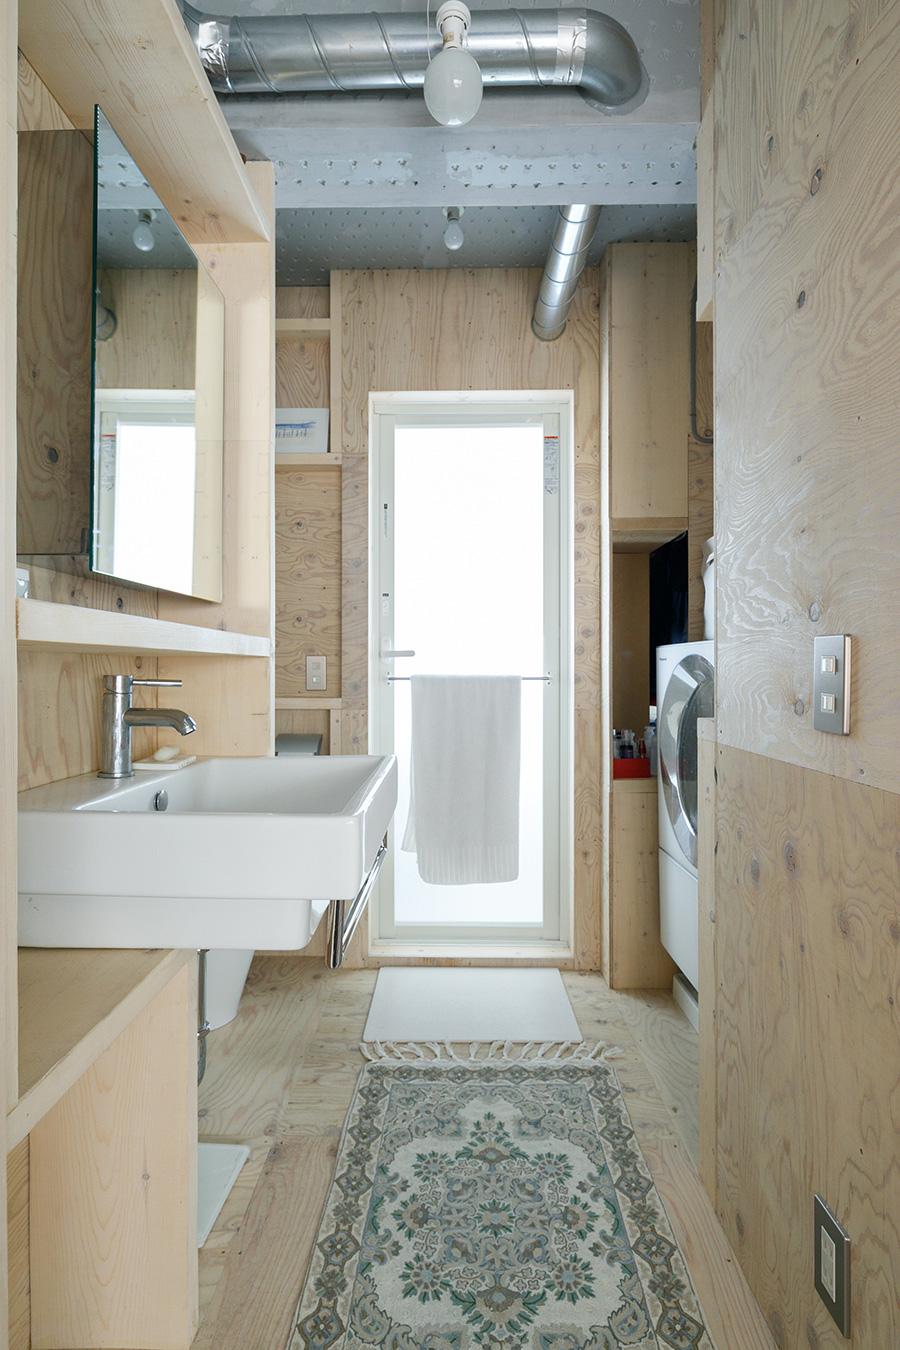 洗面スペースも同じ木製ユニットで構成。36.5㎡の部屋とは思えないほど広々としている。